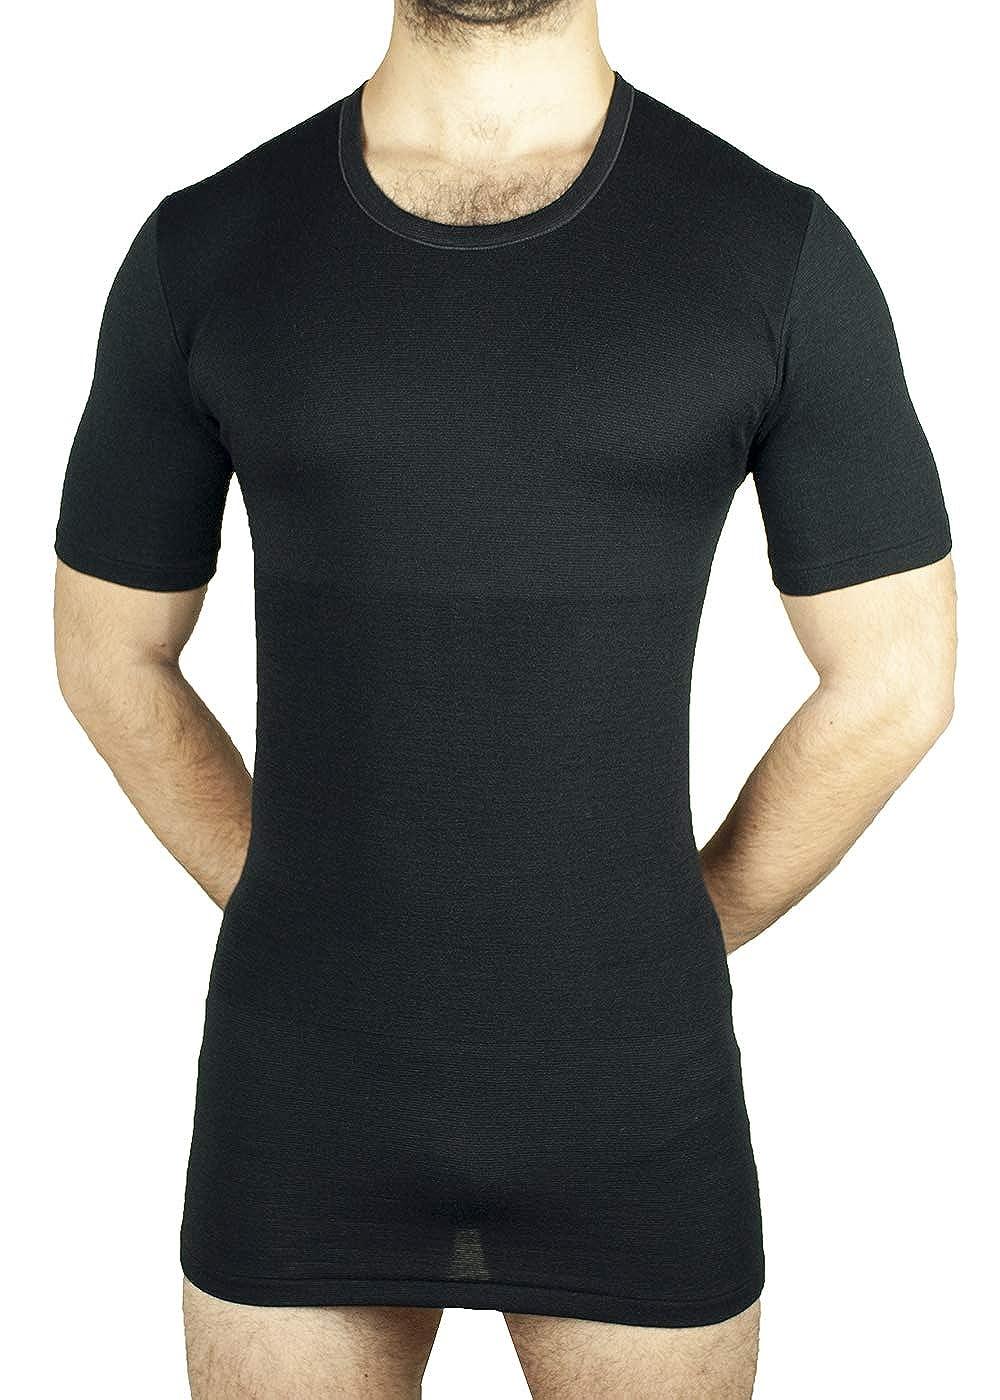 Maglietta Termica Mezza Manica Intimo Uomo Lana e Cotone Fascia Vita incorporata MANIFATTURA BERNINA Form 1005